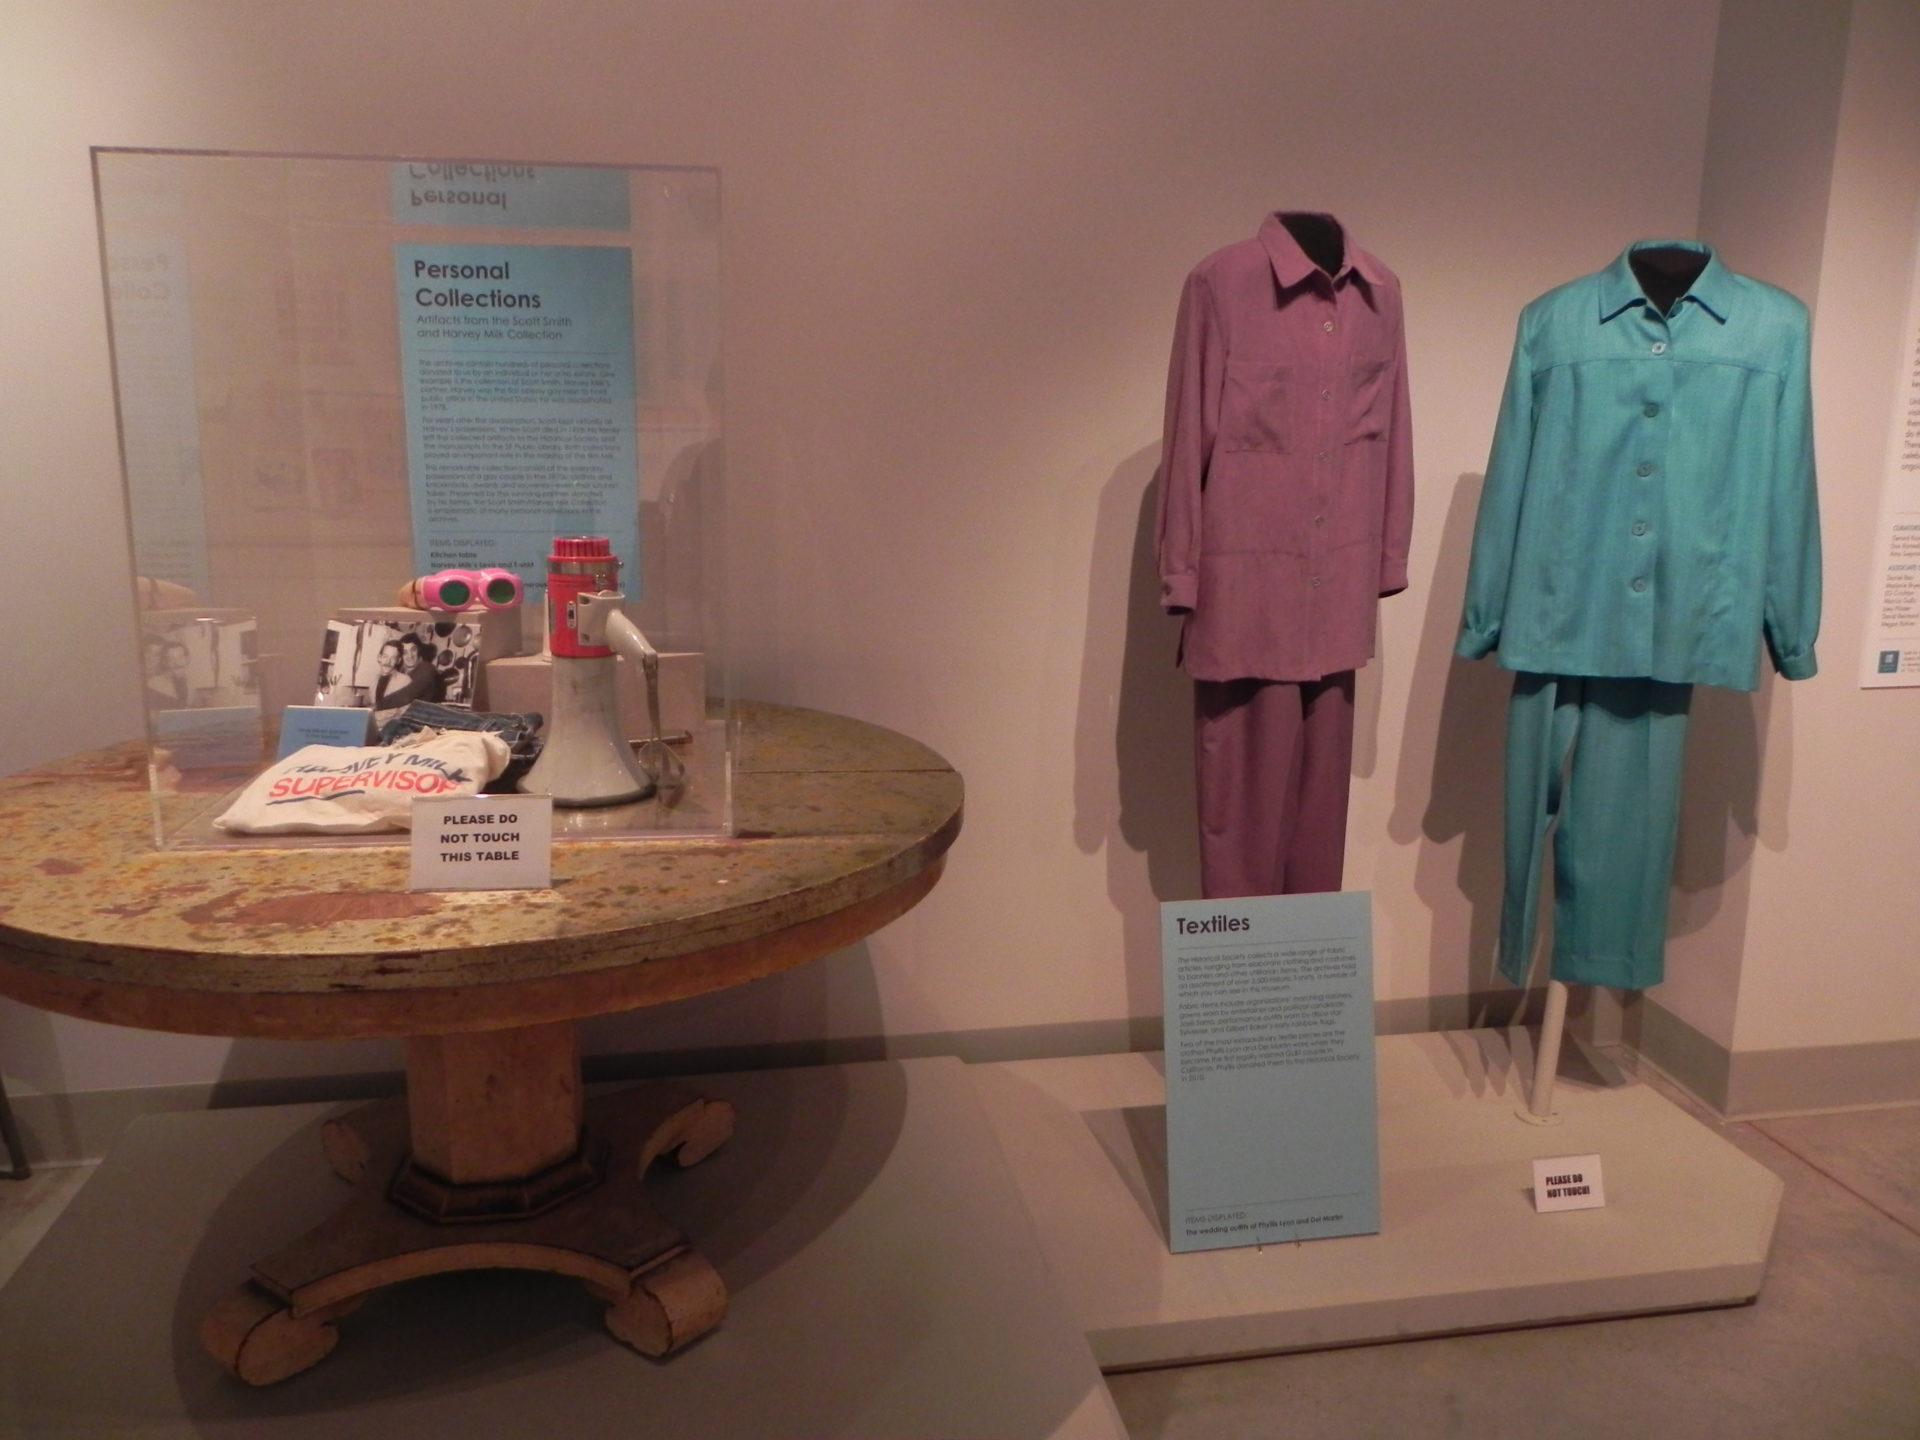 【亞太博物館連線專欄】GLBT歷史博物館:能見度與多樣性的權衡